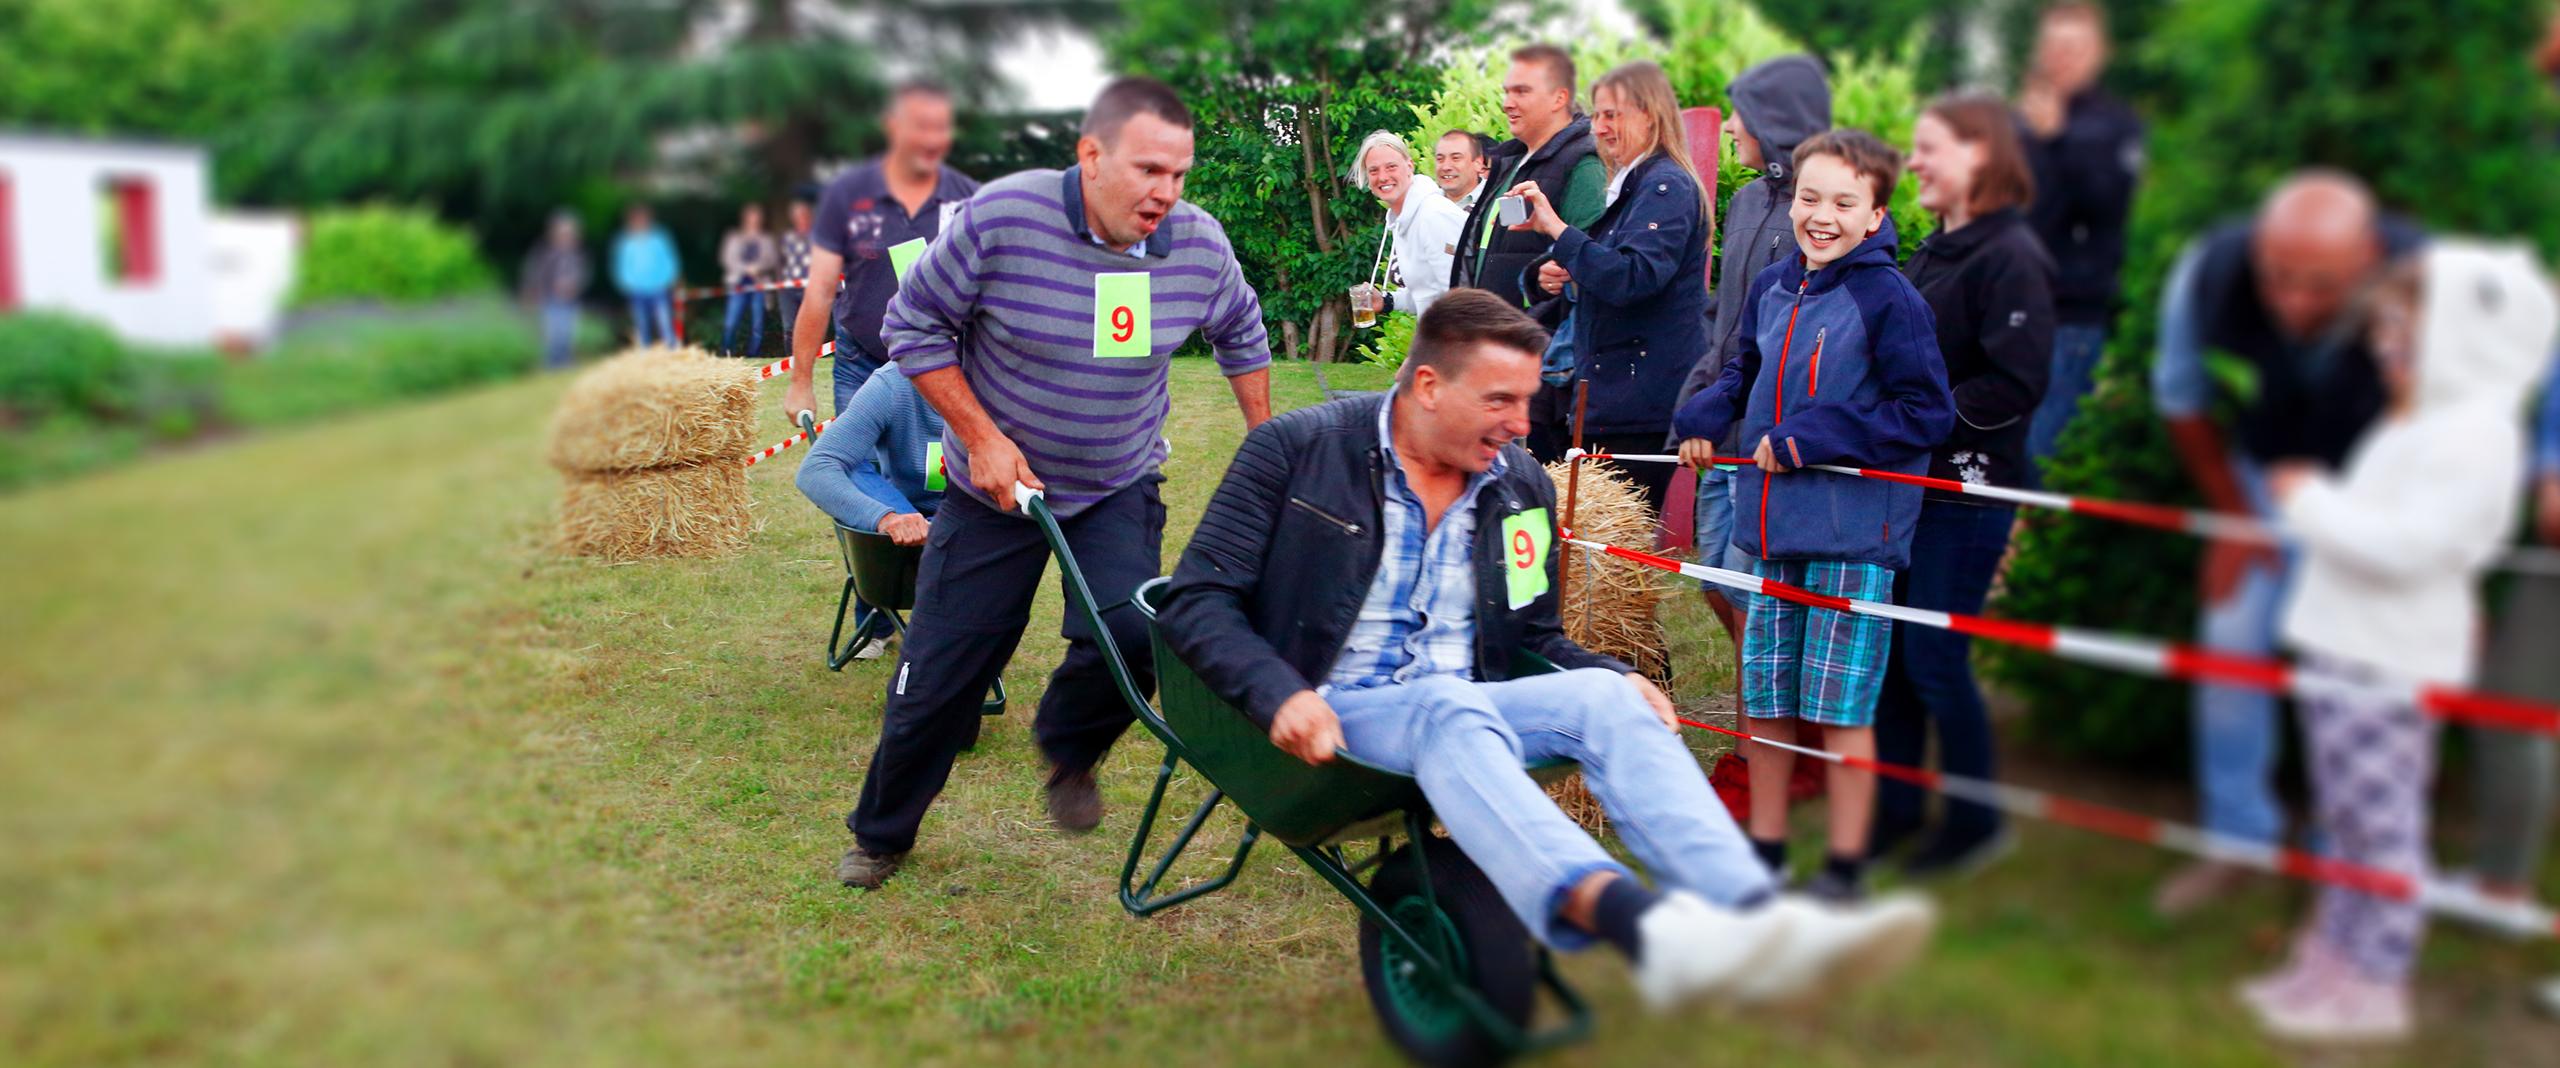 KRE_WEB_Slider-Vorlage_2560x1068_Sommerfest_2017_0006_KRE-Sommerfest-2017_11